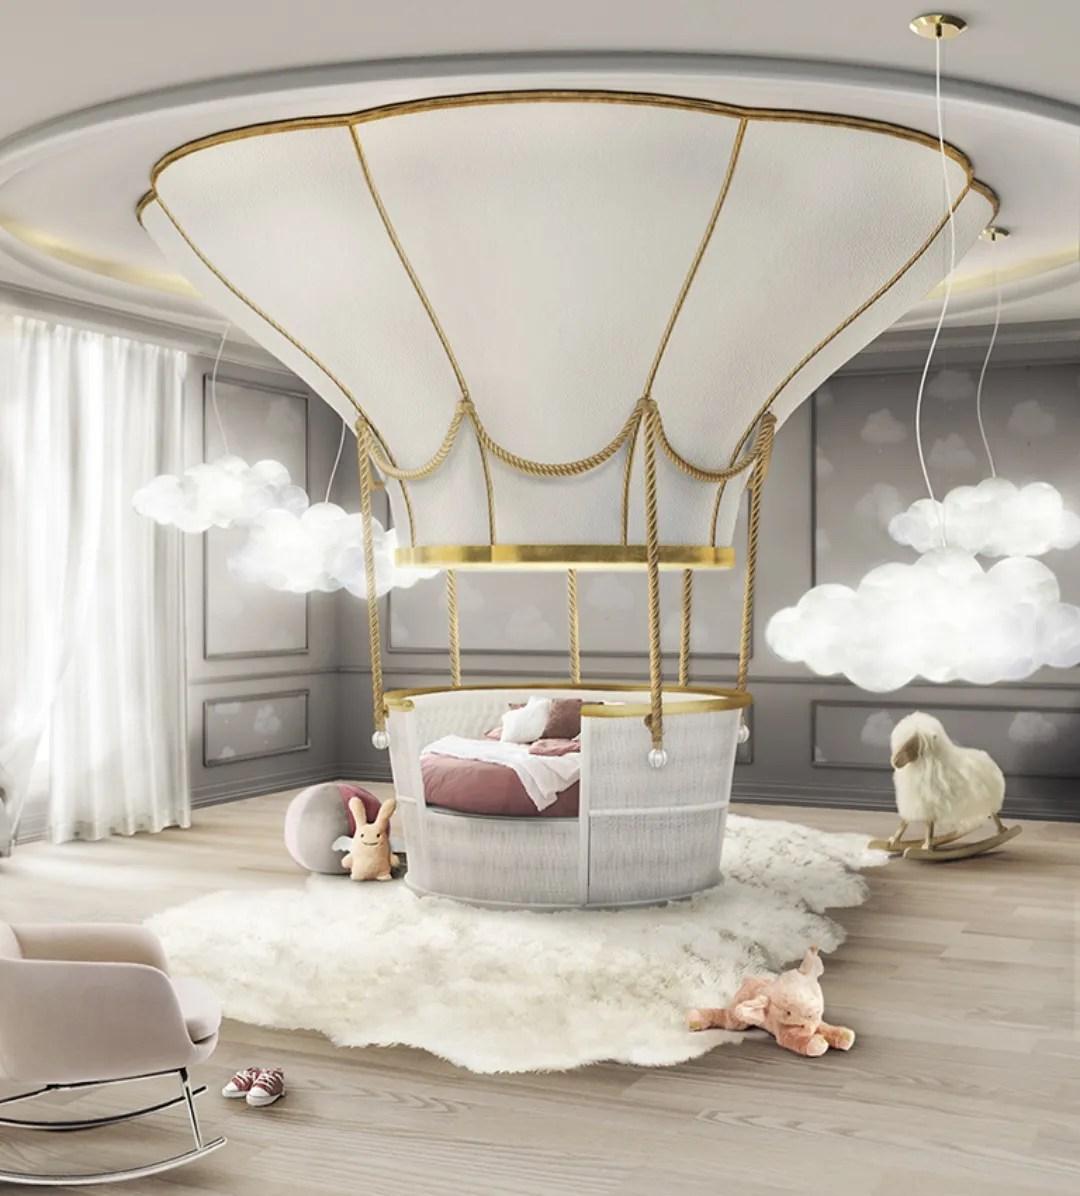 Circu Magical Furniture For Children